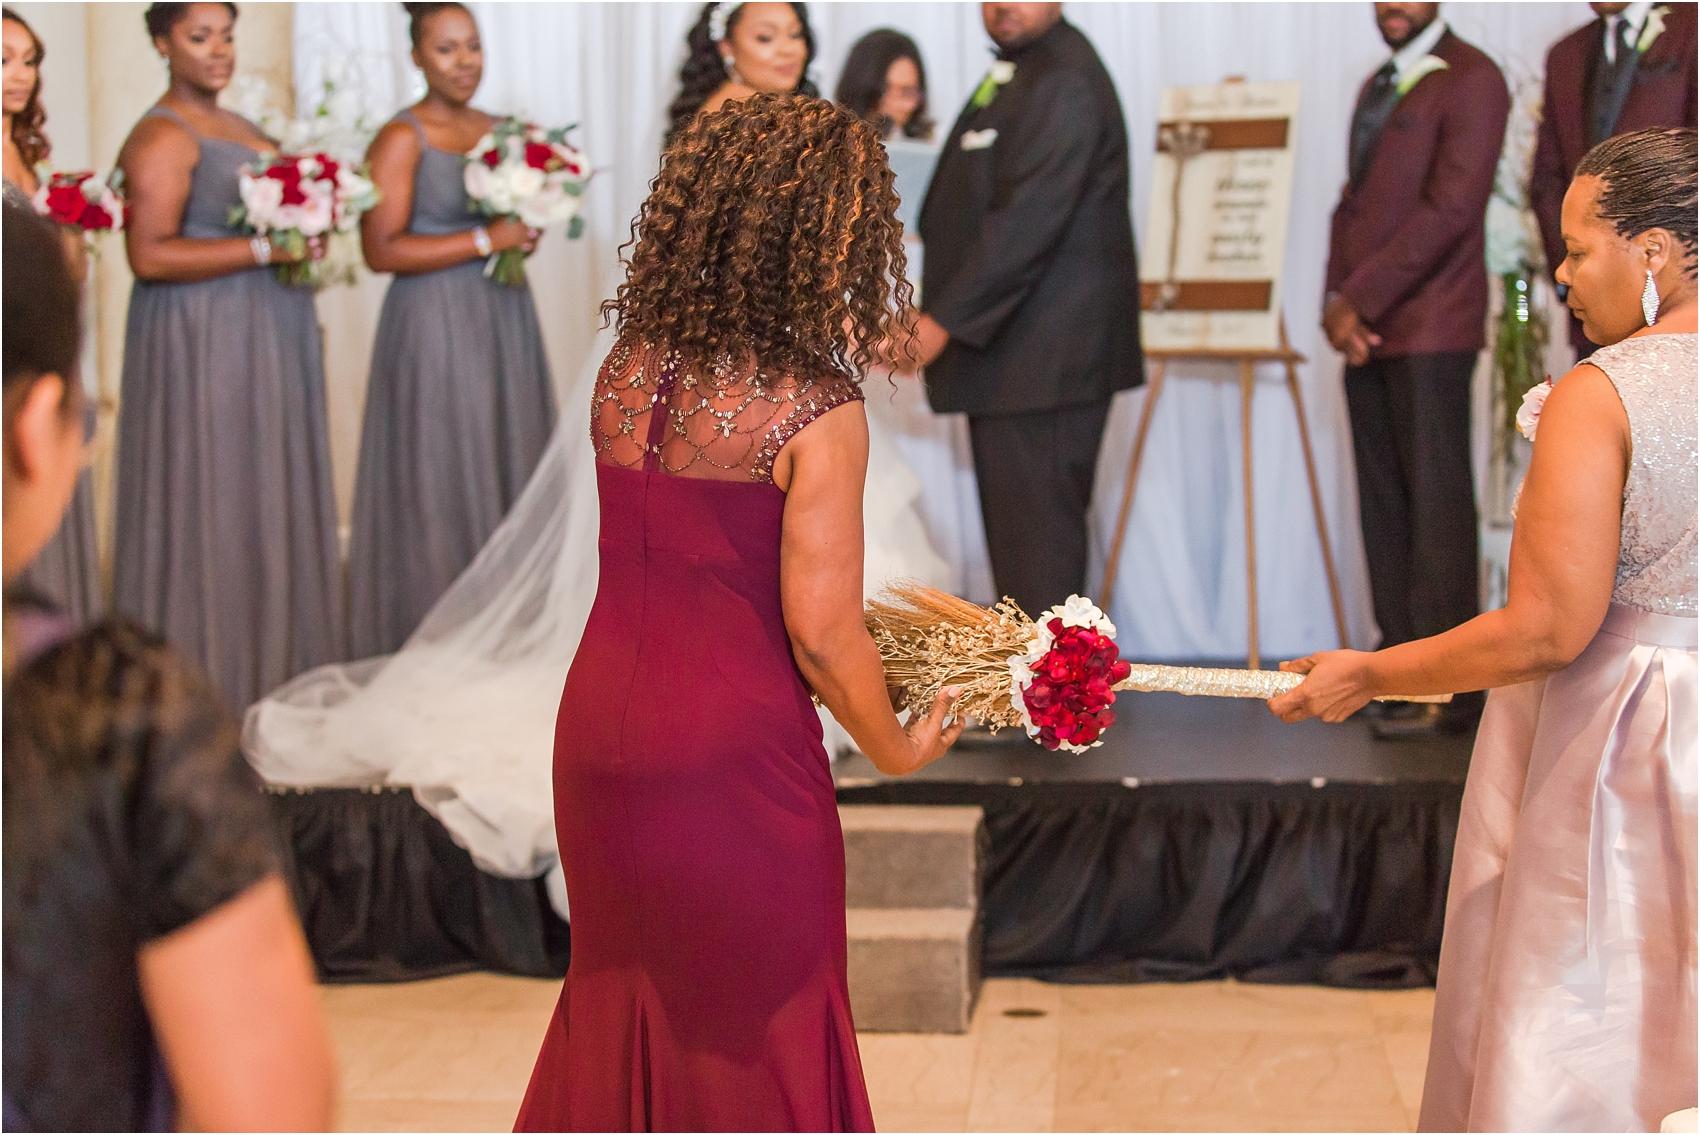 minimalist-and-modern-wedding-photos-at-30-north-saginaw-in-pontiac-michigan-by-courtney-carolyn-photography_0048.jpg